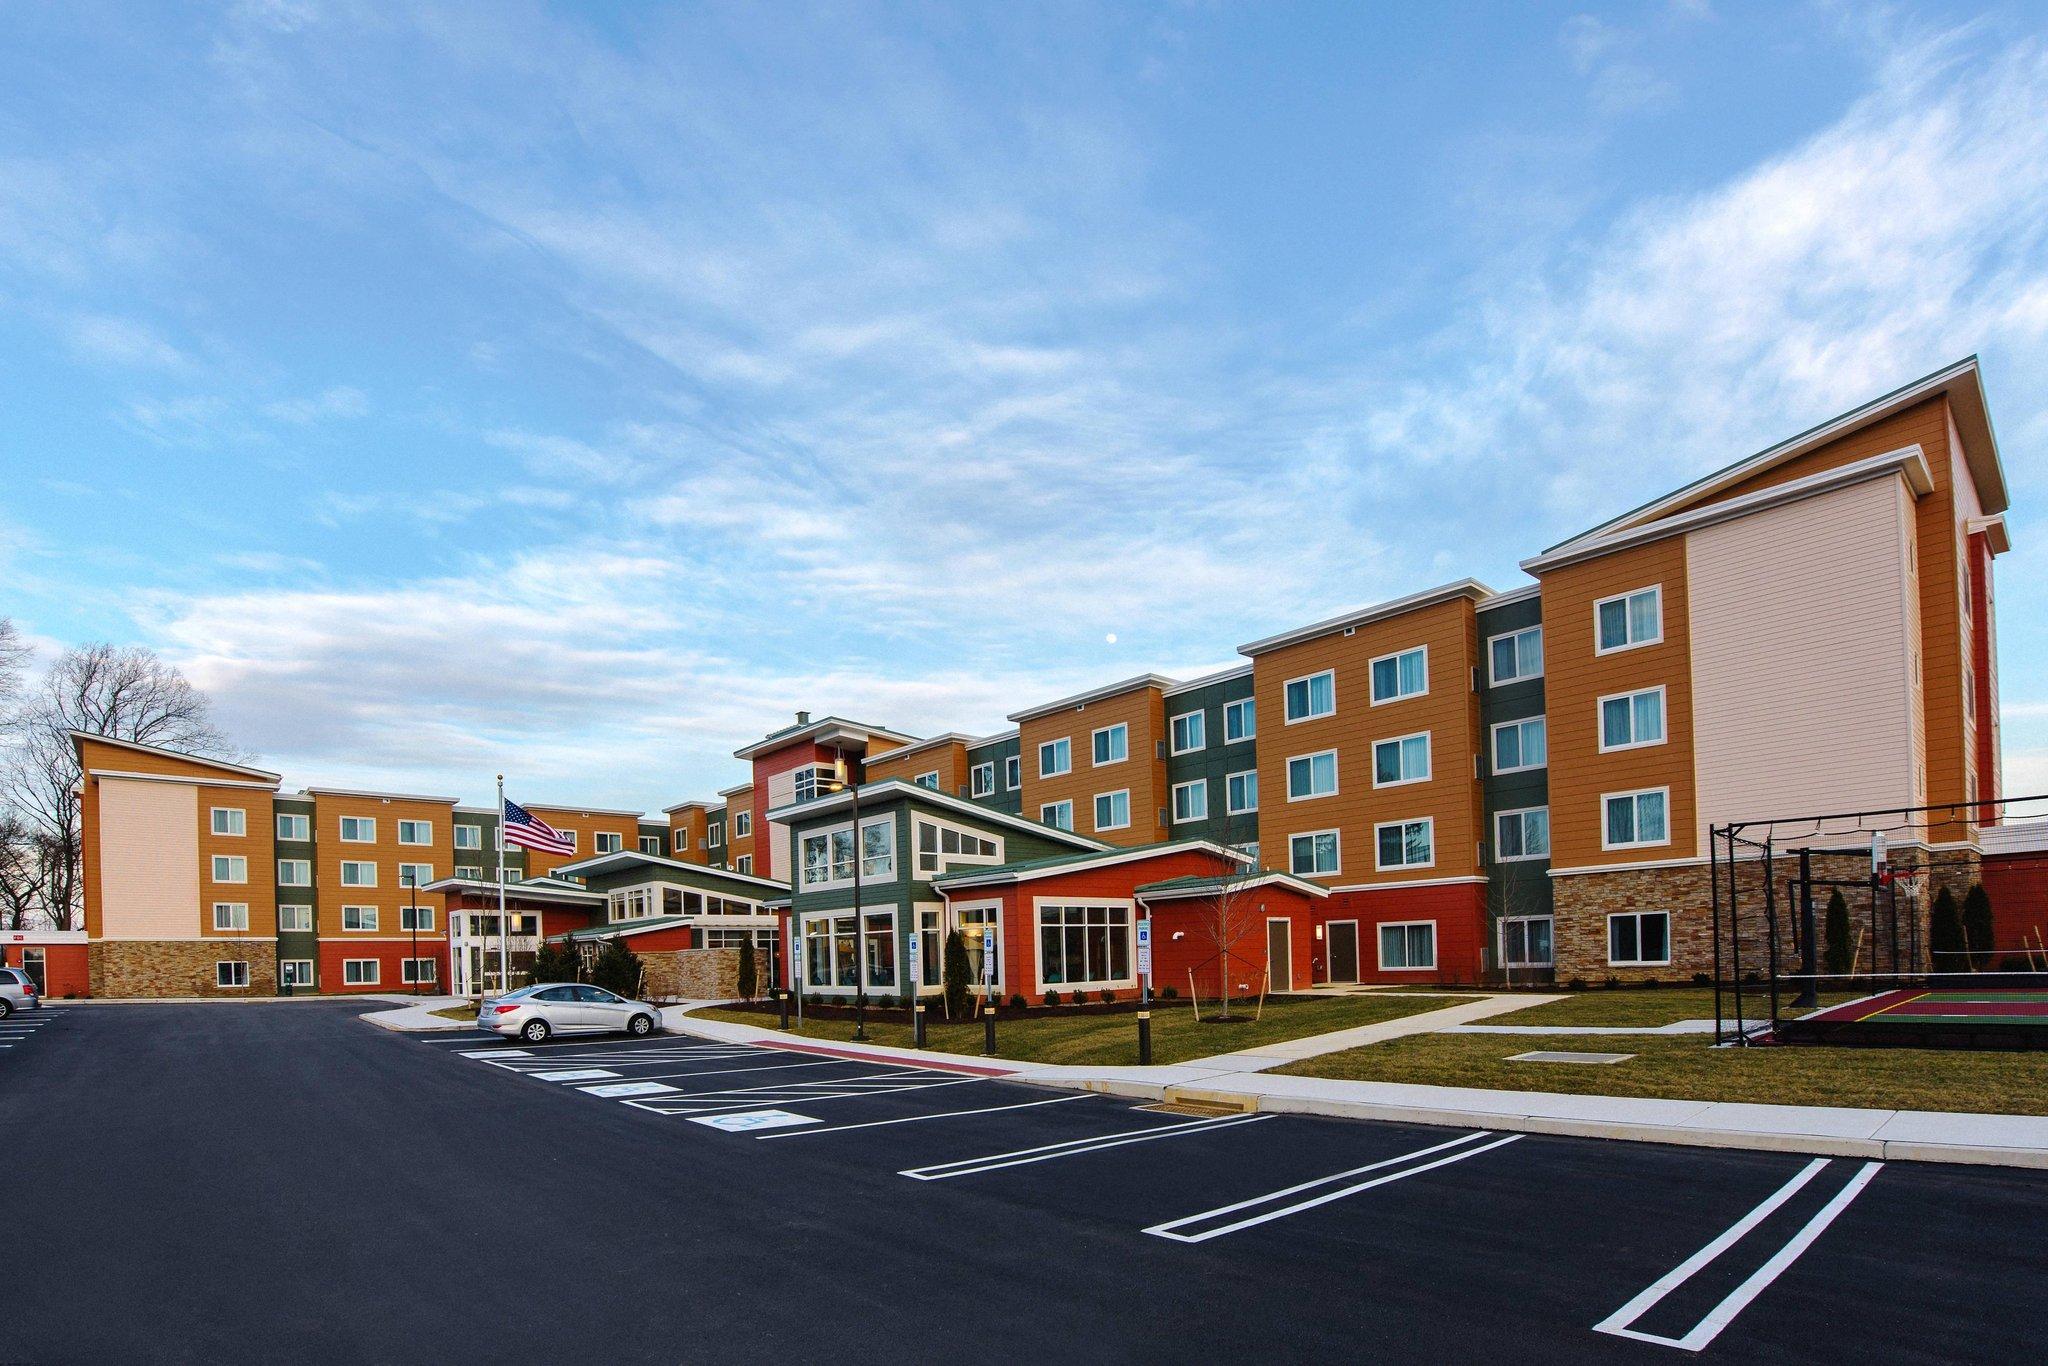 Residence Inn Philadelphia Glen Mills